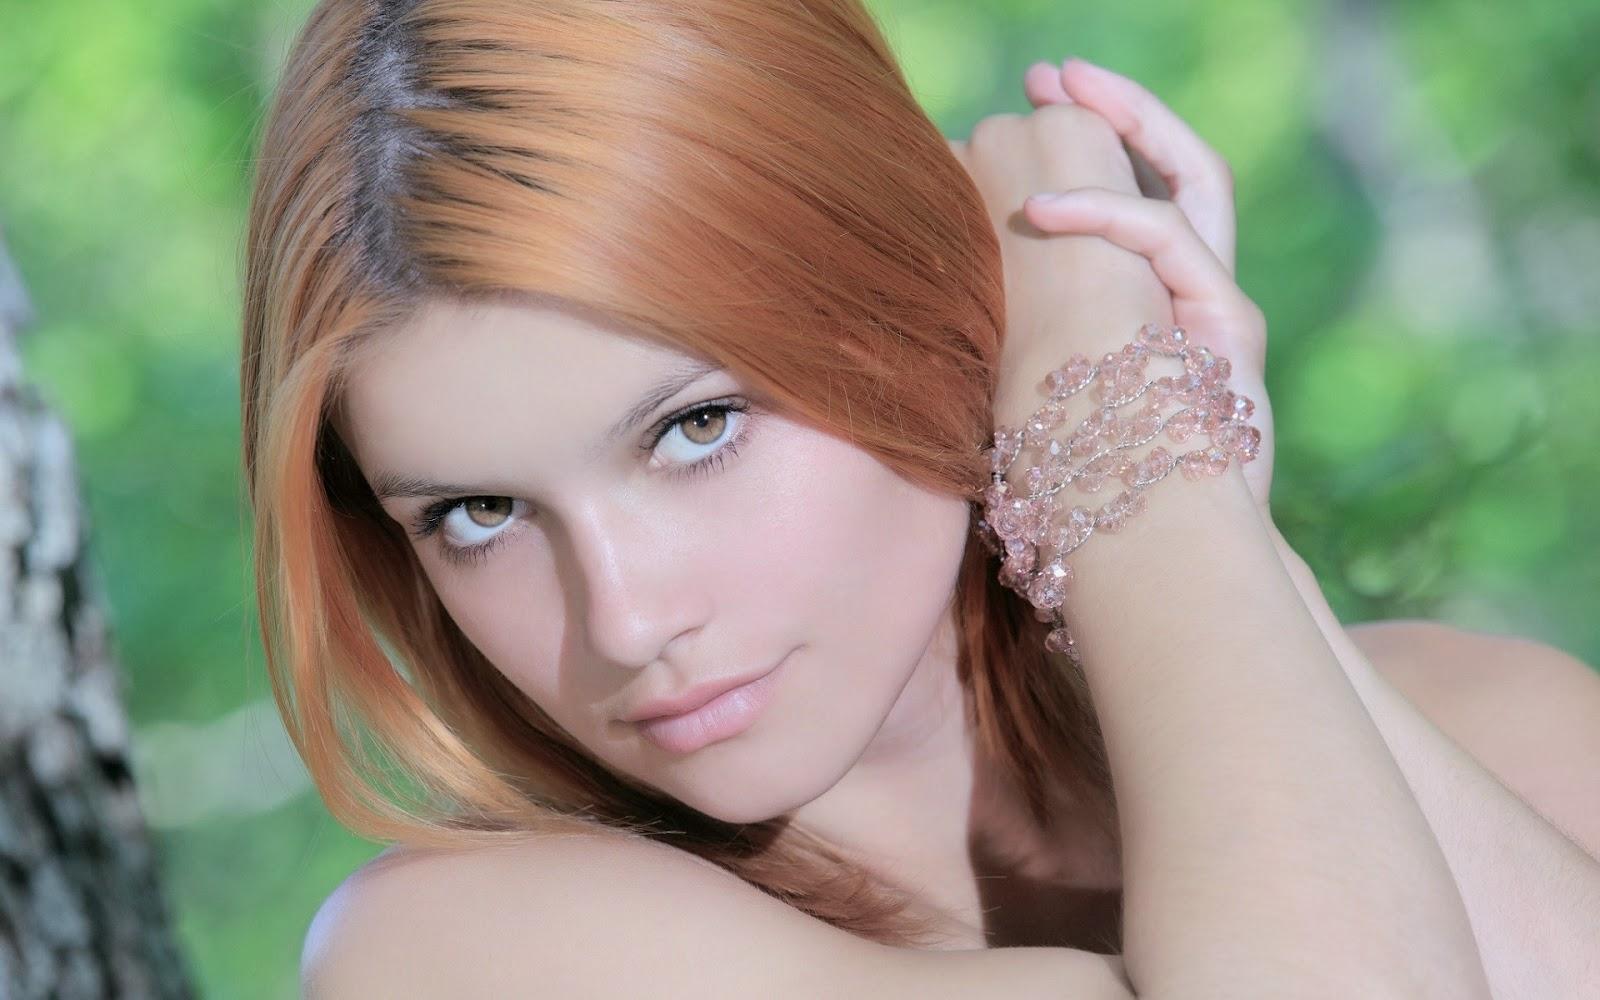 بالصور صور اجمل النساء , بالصور اجمل نساء العالم 2983 9